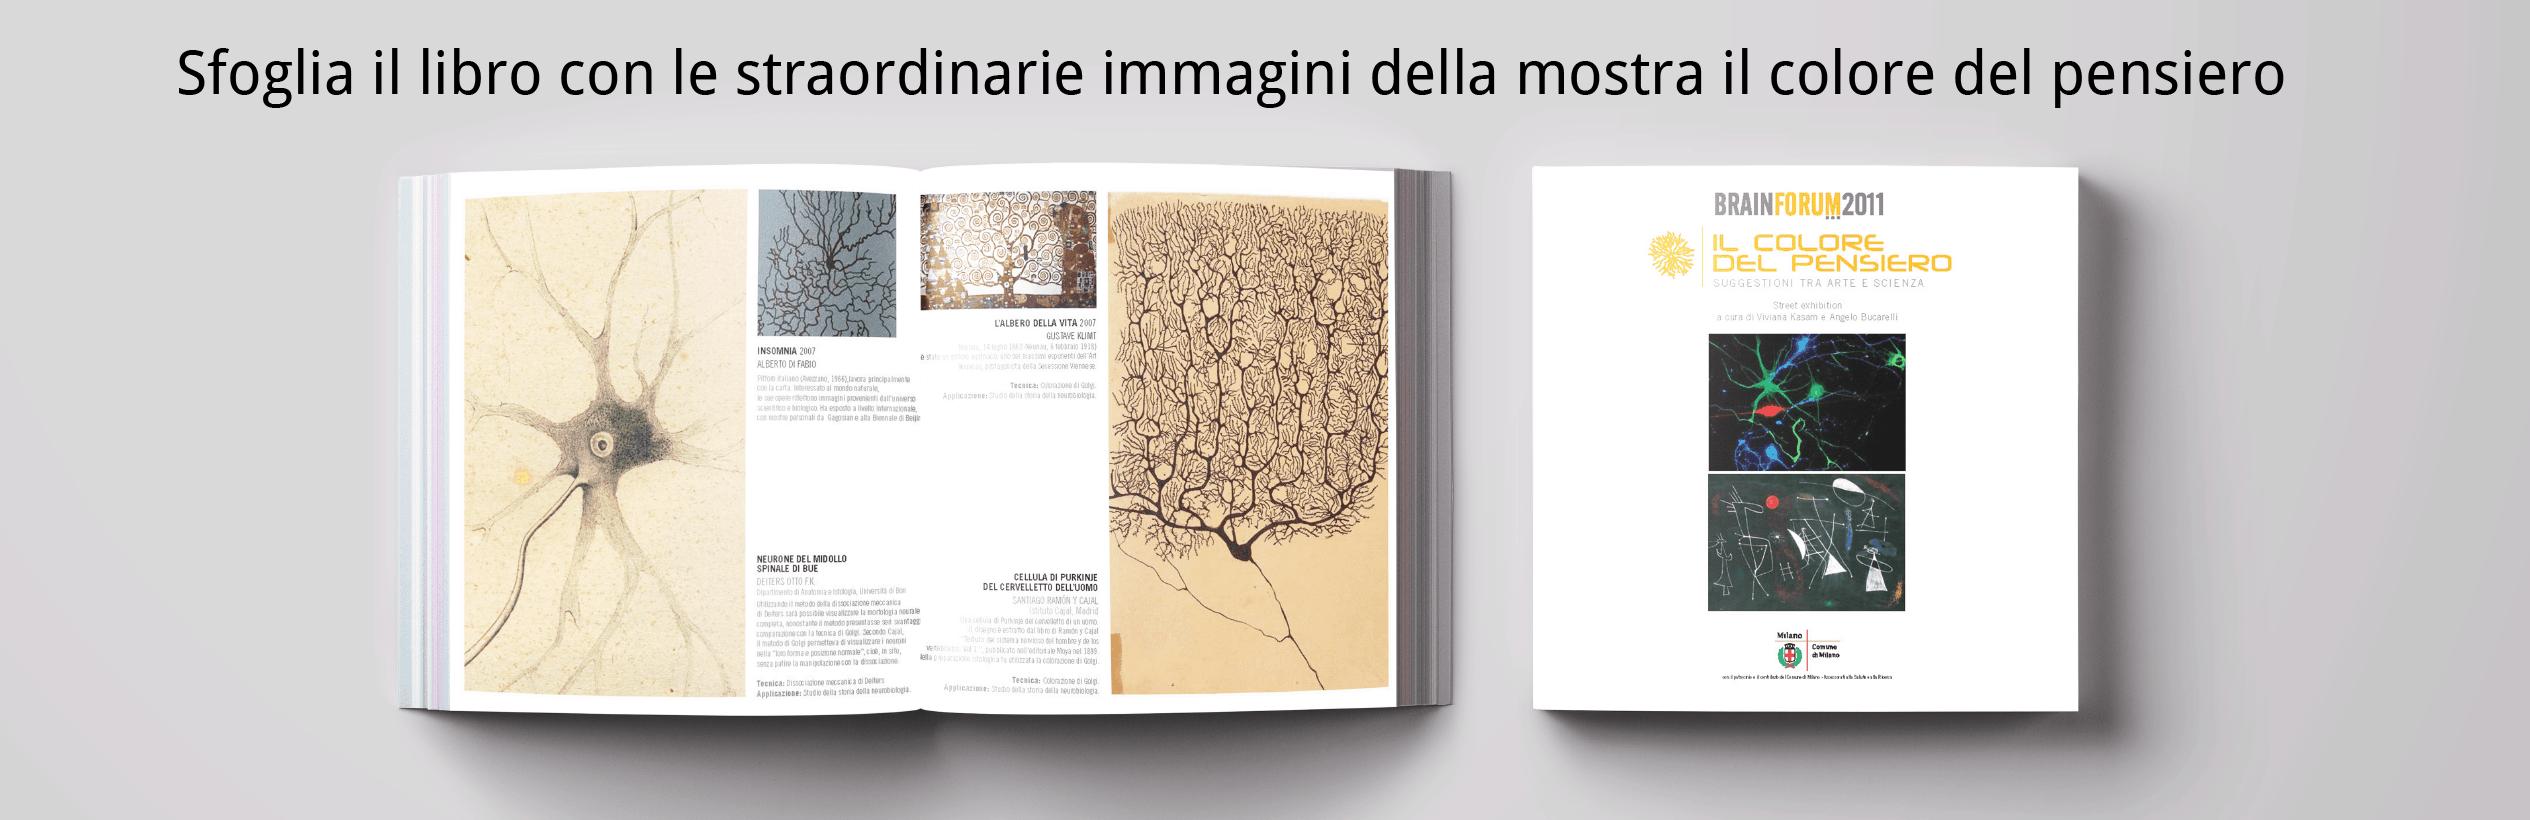 Sfoglia il libro con le straordinarie immagini della mostra il colore del pensiero